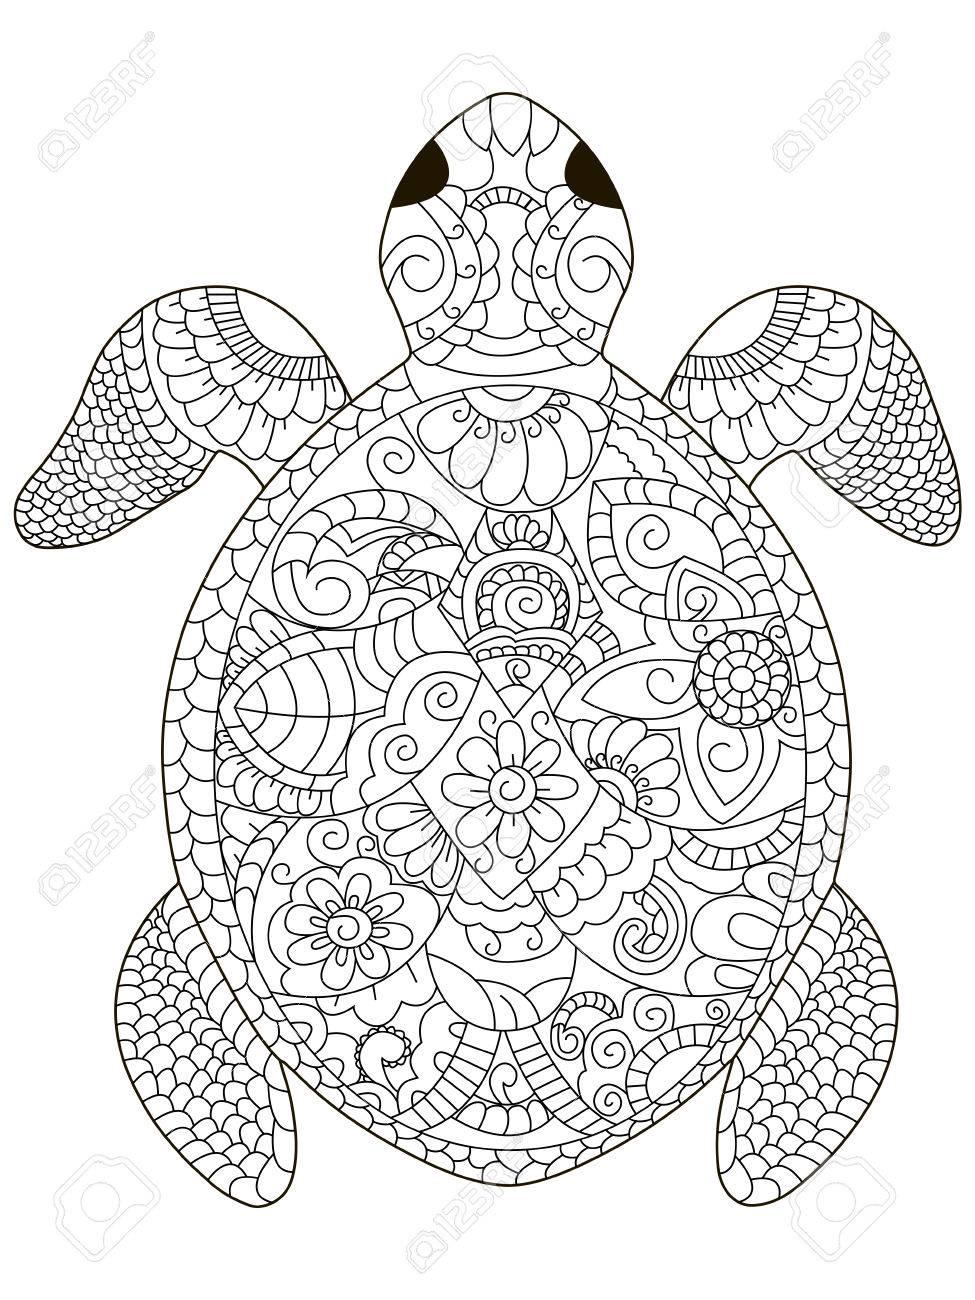 Meeresschildkröte Malbuch Für Erwachsene Vektor-Illustration. Anti ...